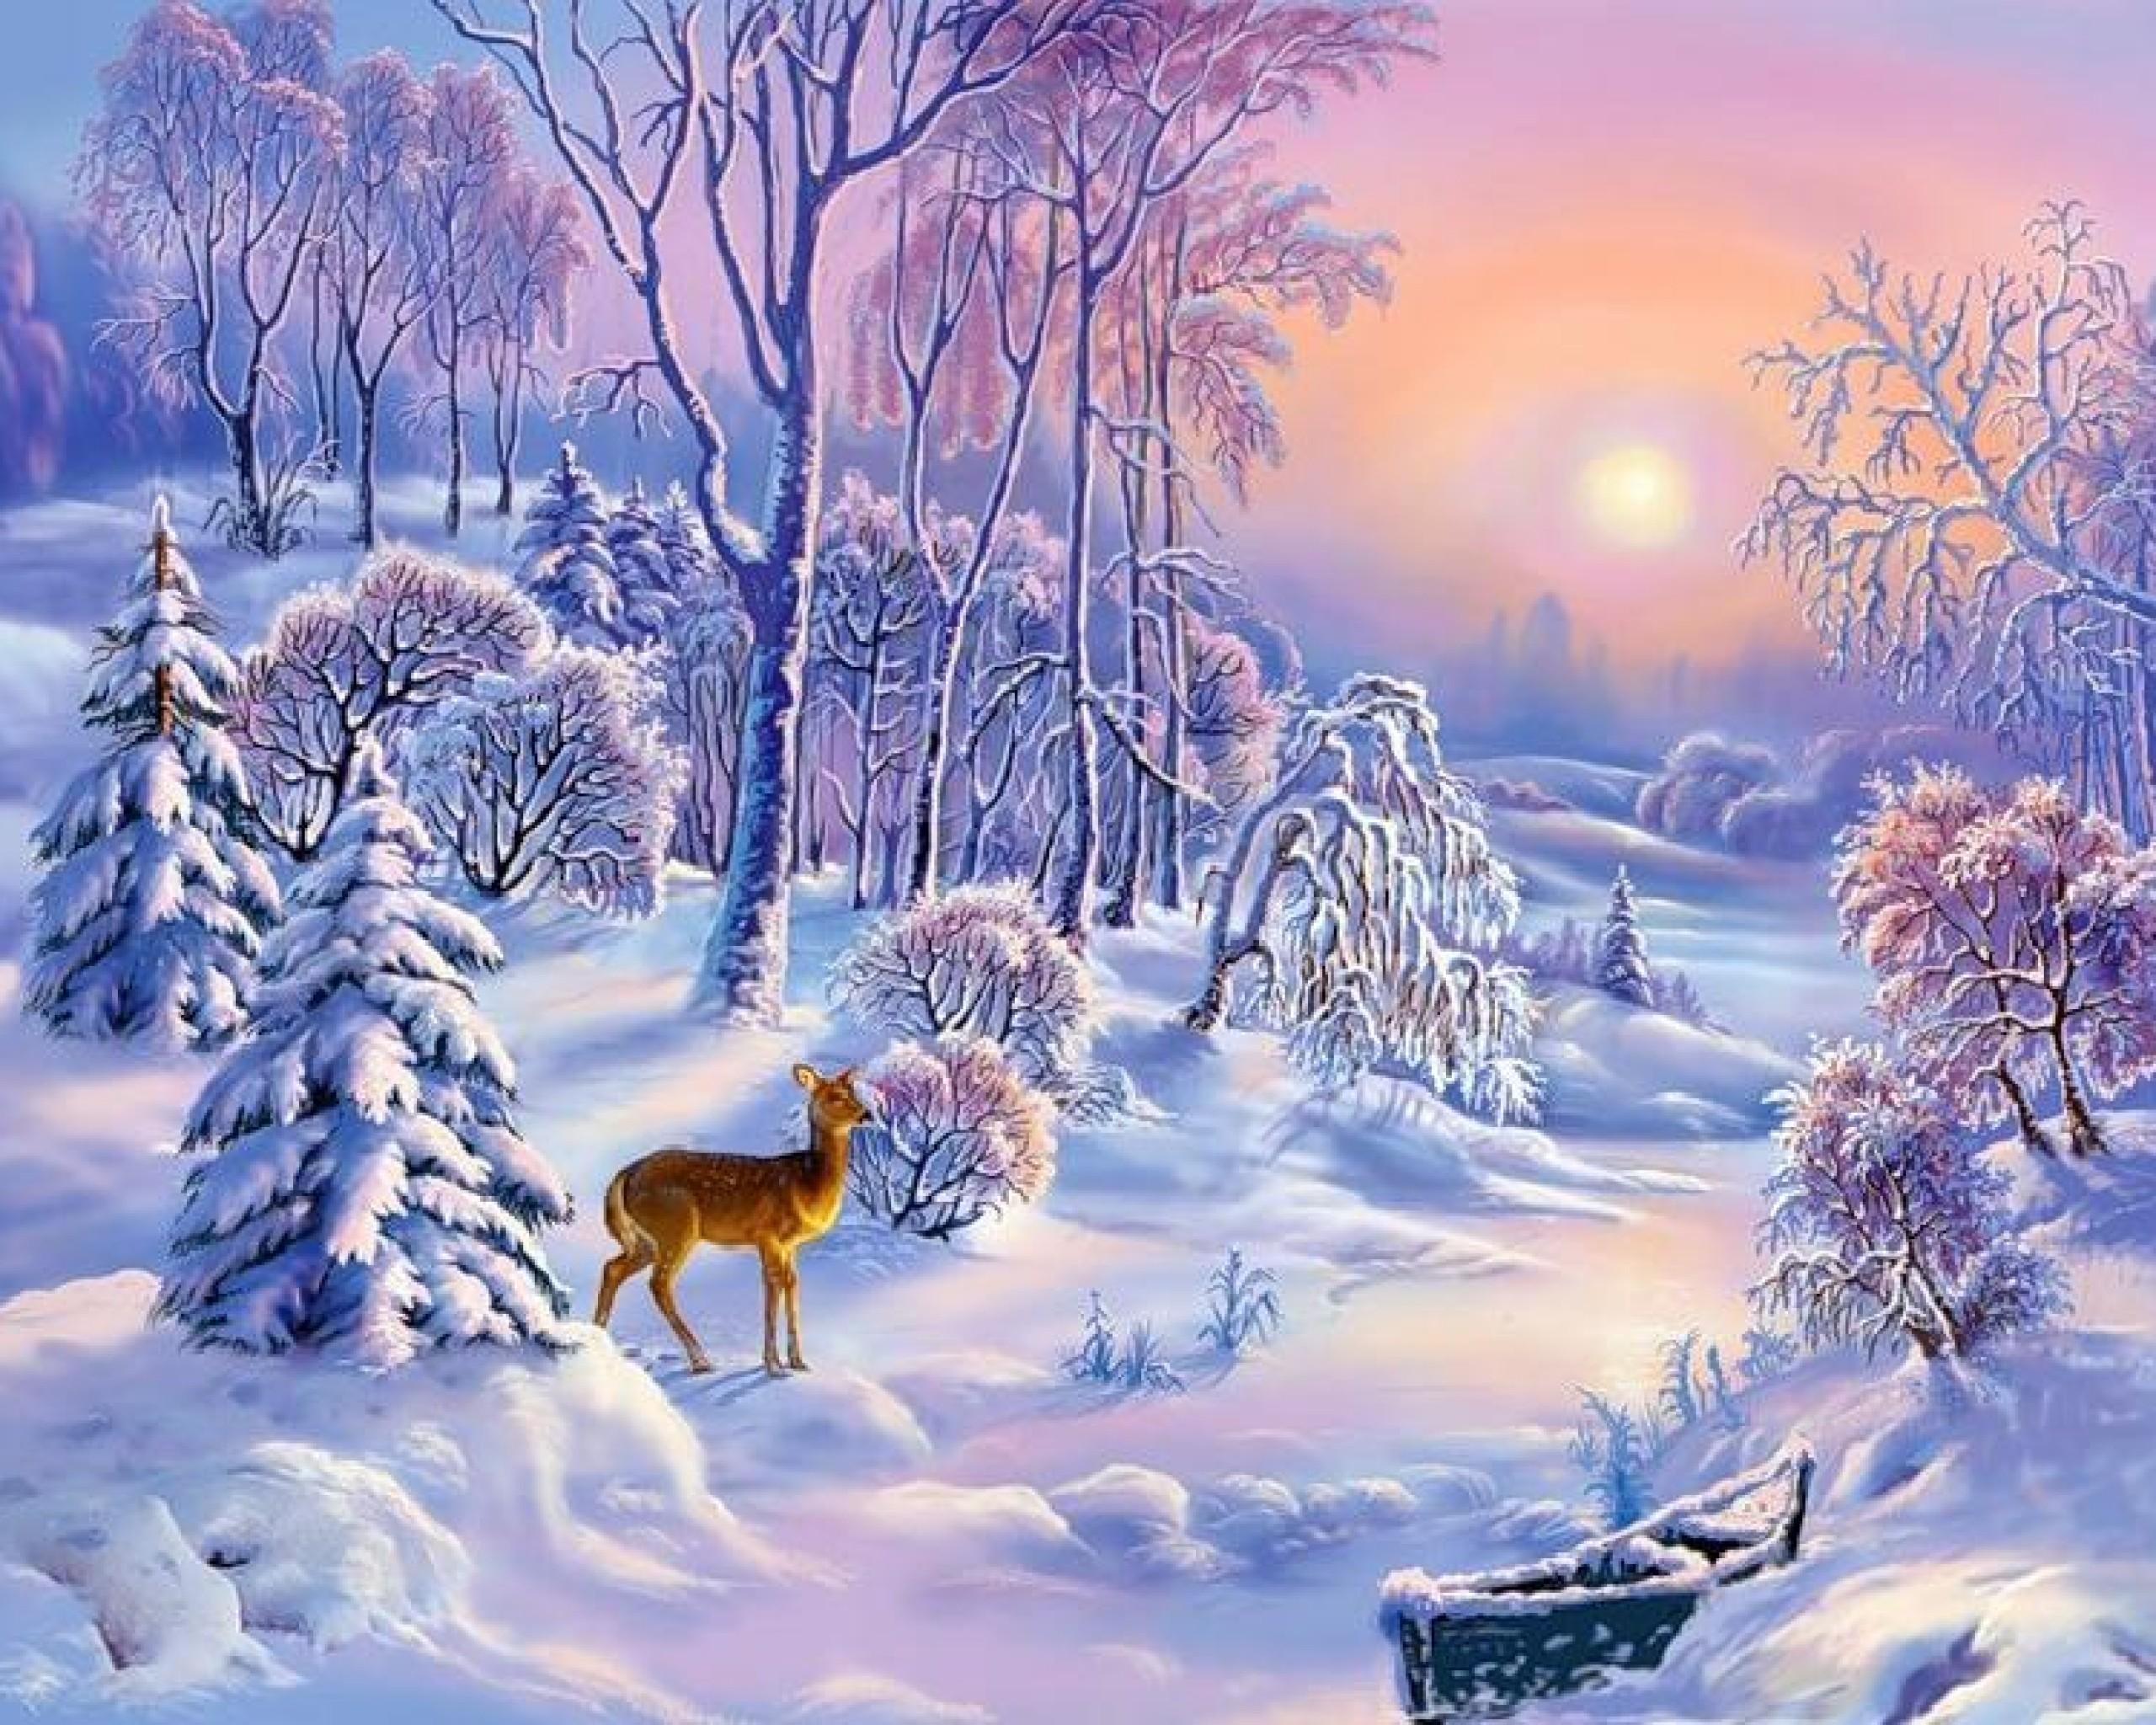 Christmas Painting Snow Winter